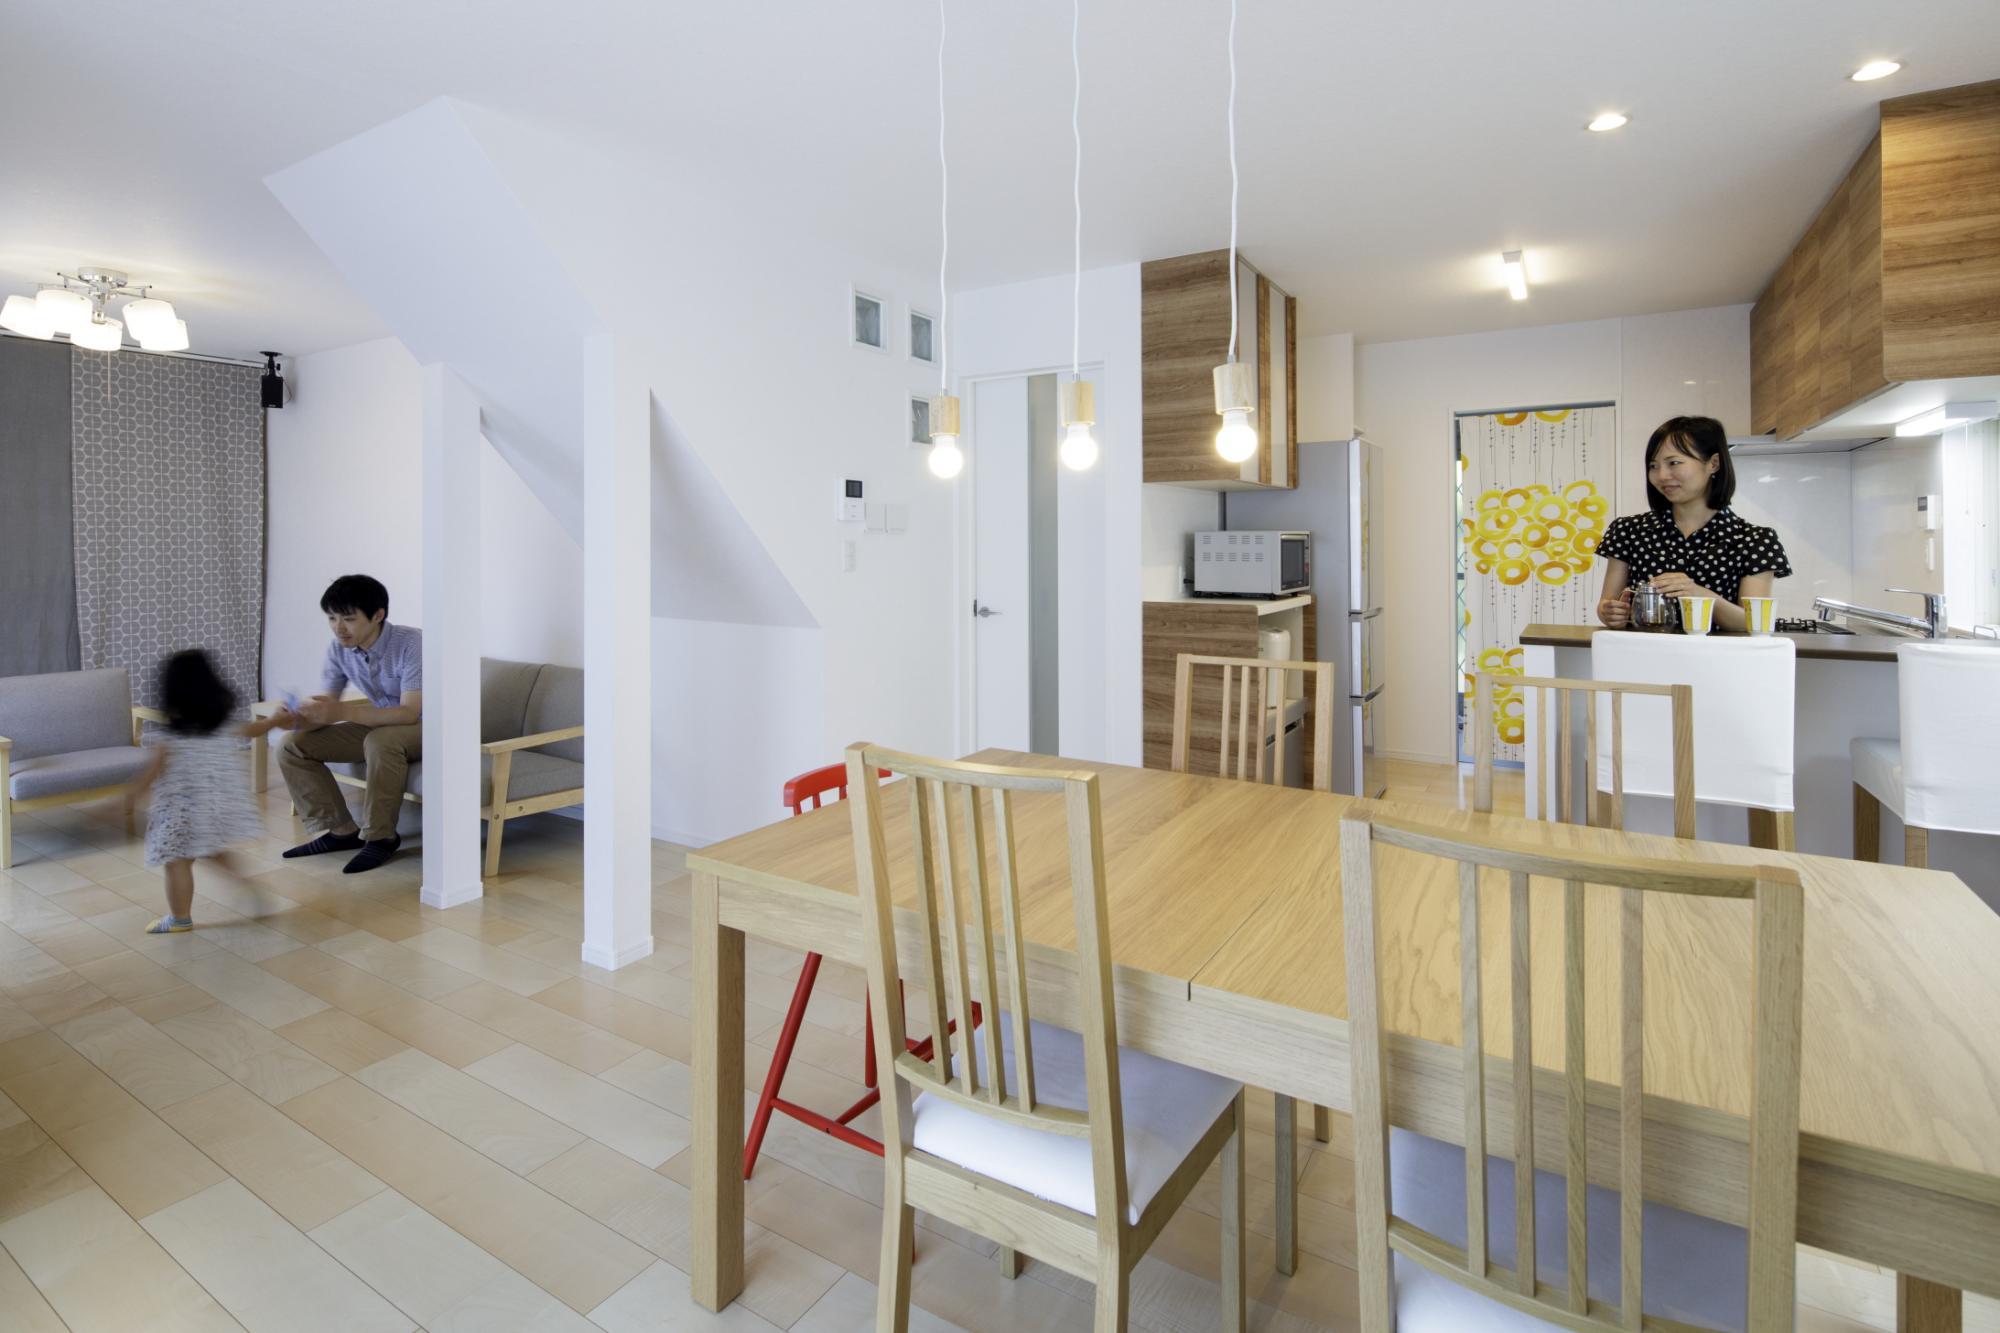 LDとキッチン、LDと和室の間の壁を撤去し、それぞれLDに取り込んで広々としたLDK空間を実現。キッチンからリビングにいる家族の様子がわかり、お子さまも安心して走り回れるようになりました。